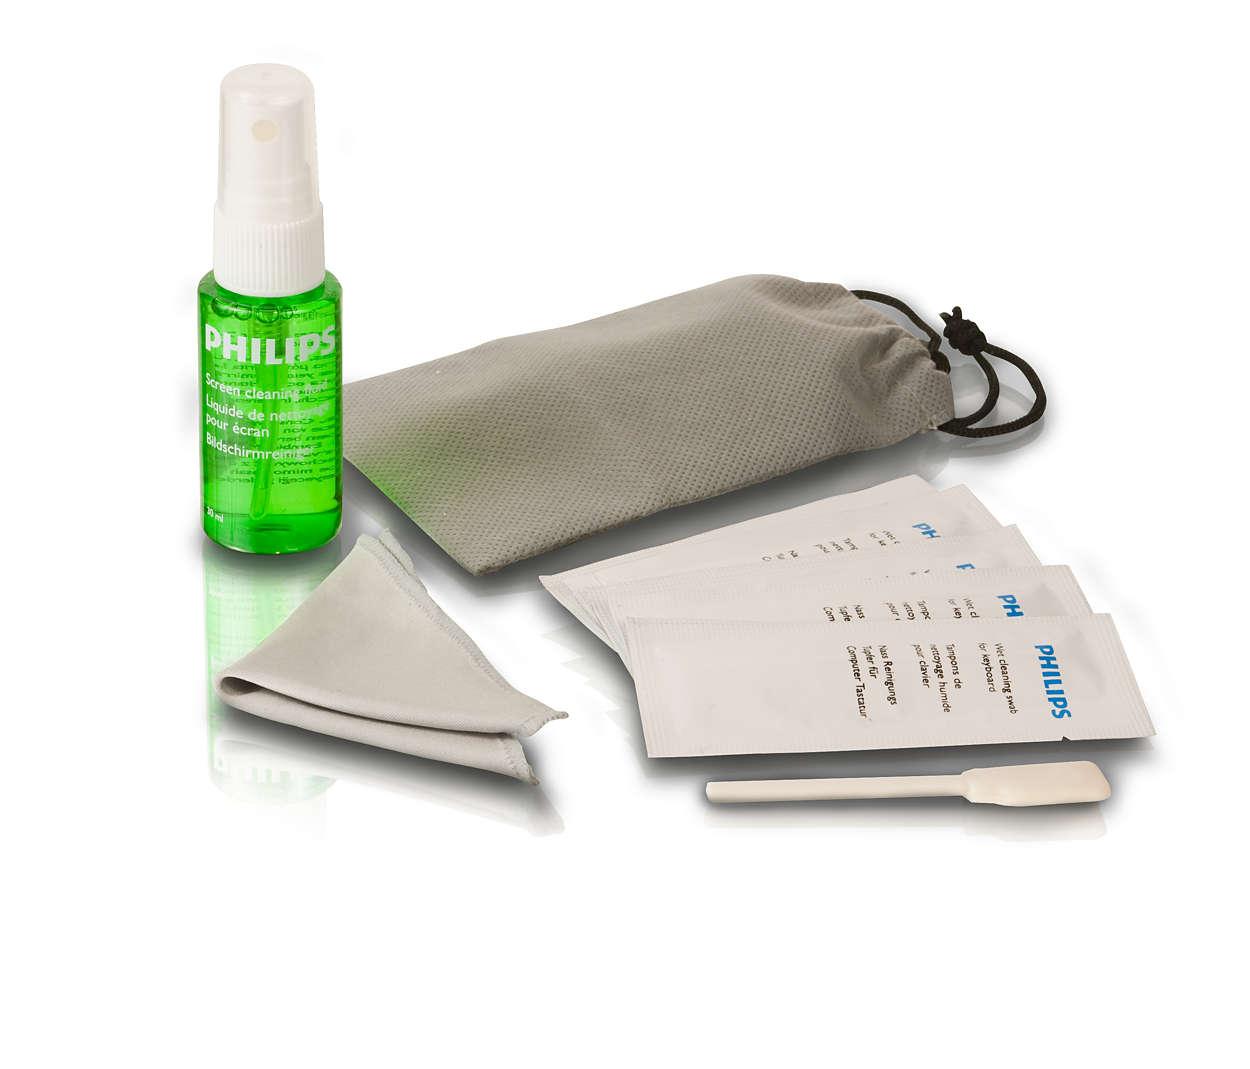 Limpia tu ordenador portátil/pantallas de dispositivos móviles